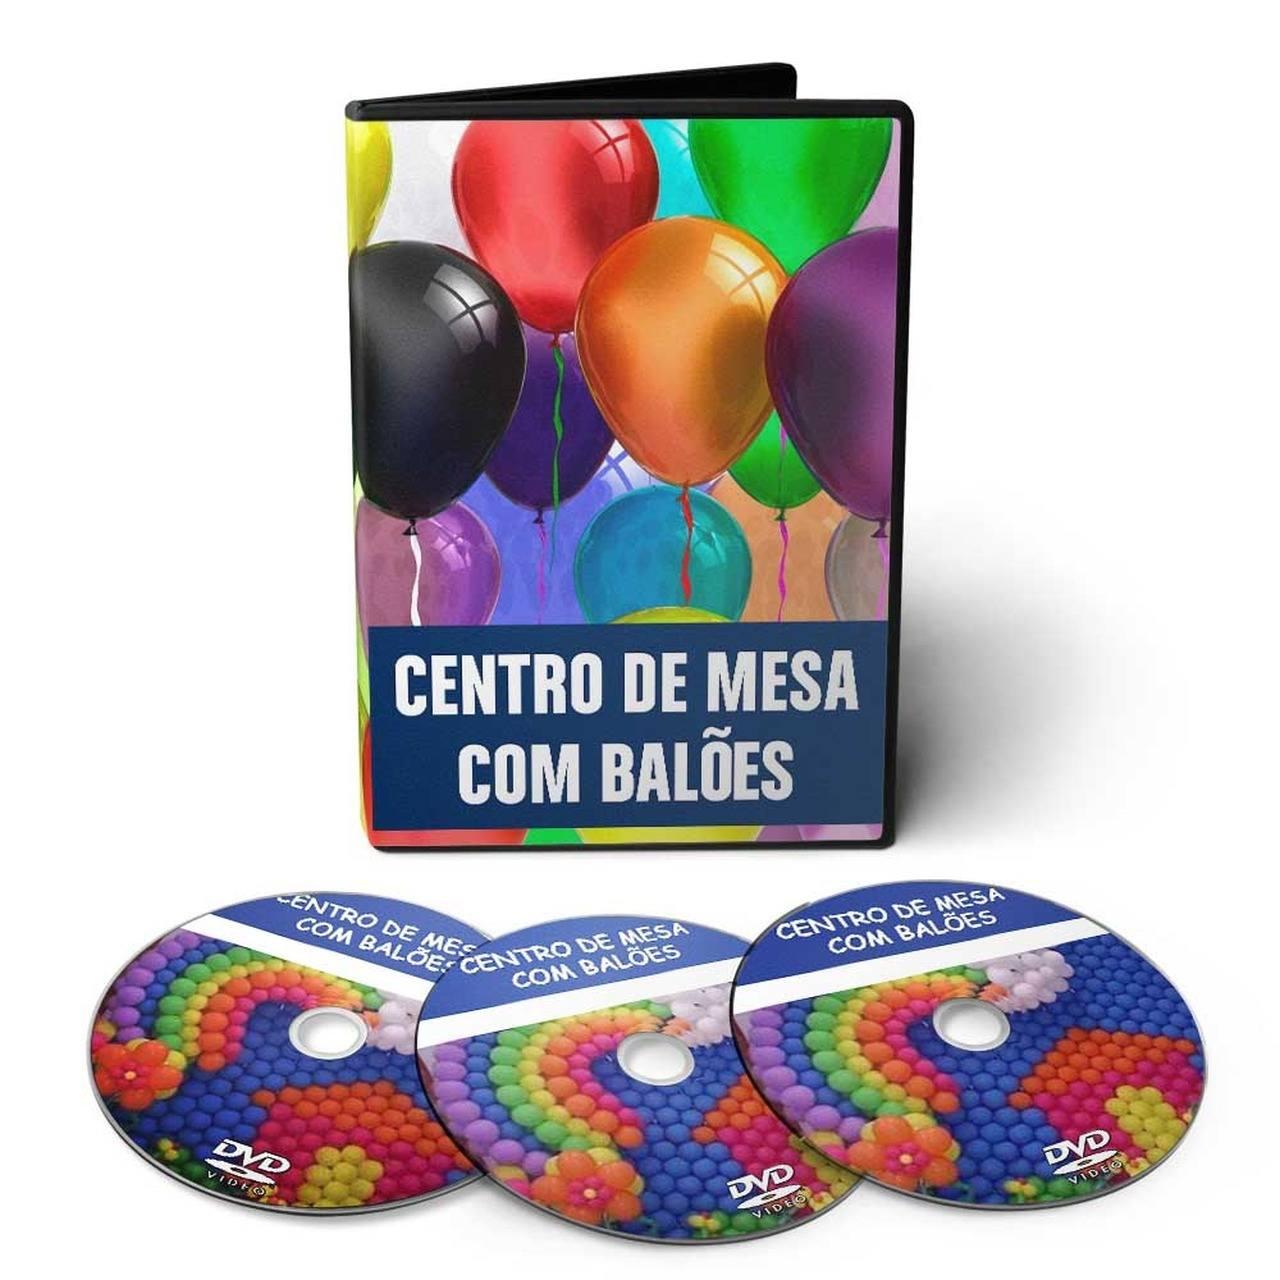 Curso de Arranjos Florais, Escultura com Balões para Festas e Centro de Mesa com Balões em 03 DVDs Videoaula